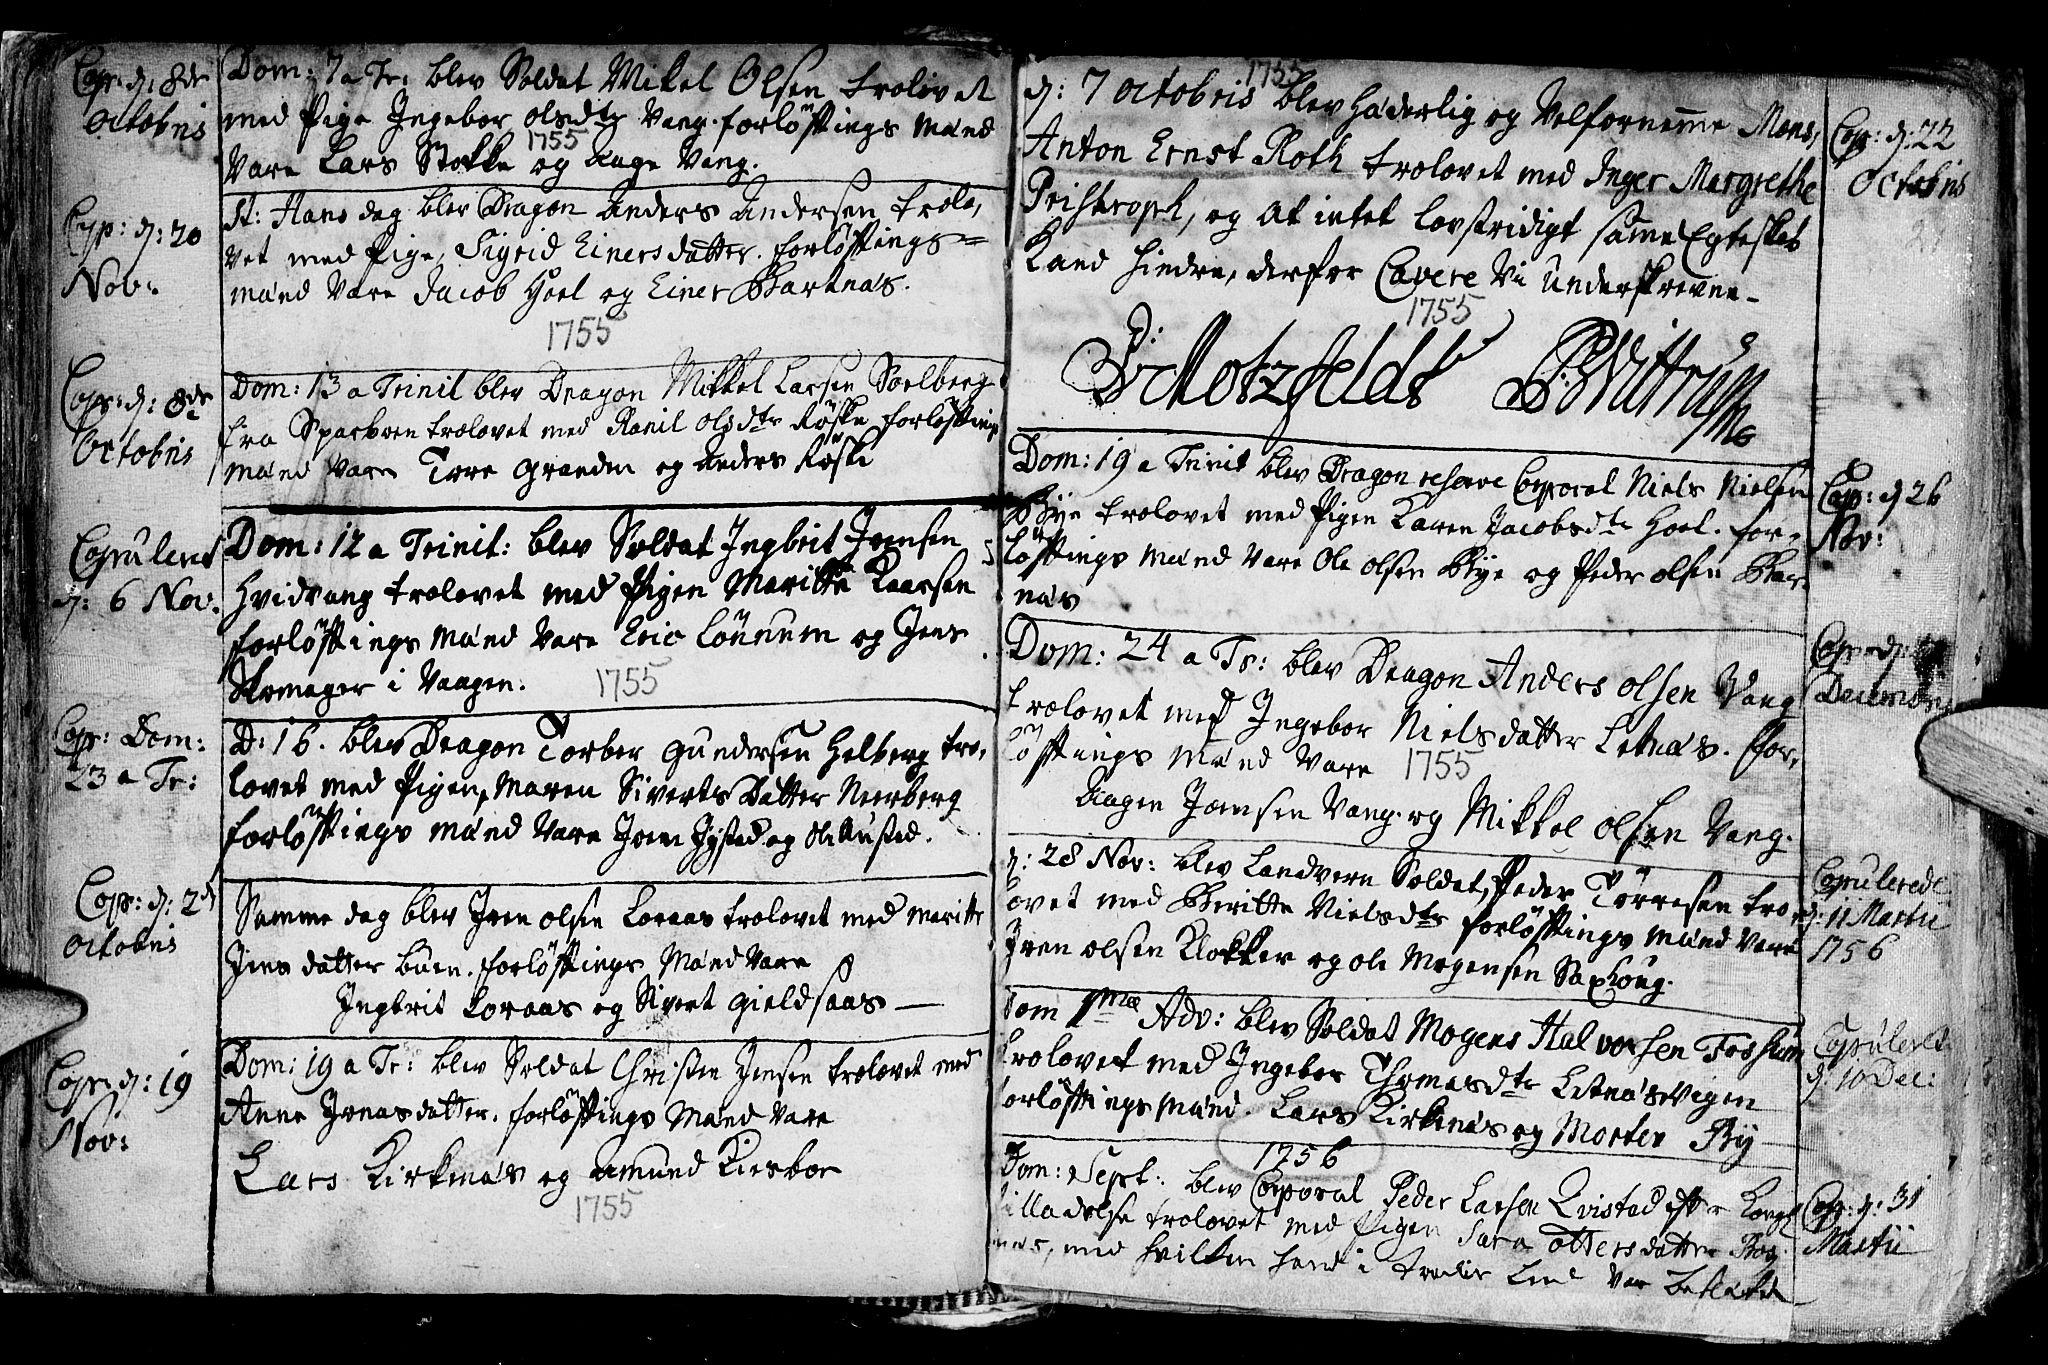 SAT, Ministerialprotokoller, klokkerbøker og fødselsregistre - Nord-Trøndelag, 730/L0272: Ministerialbok nr. 730A01, 1733-1764, s. 21